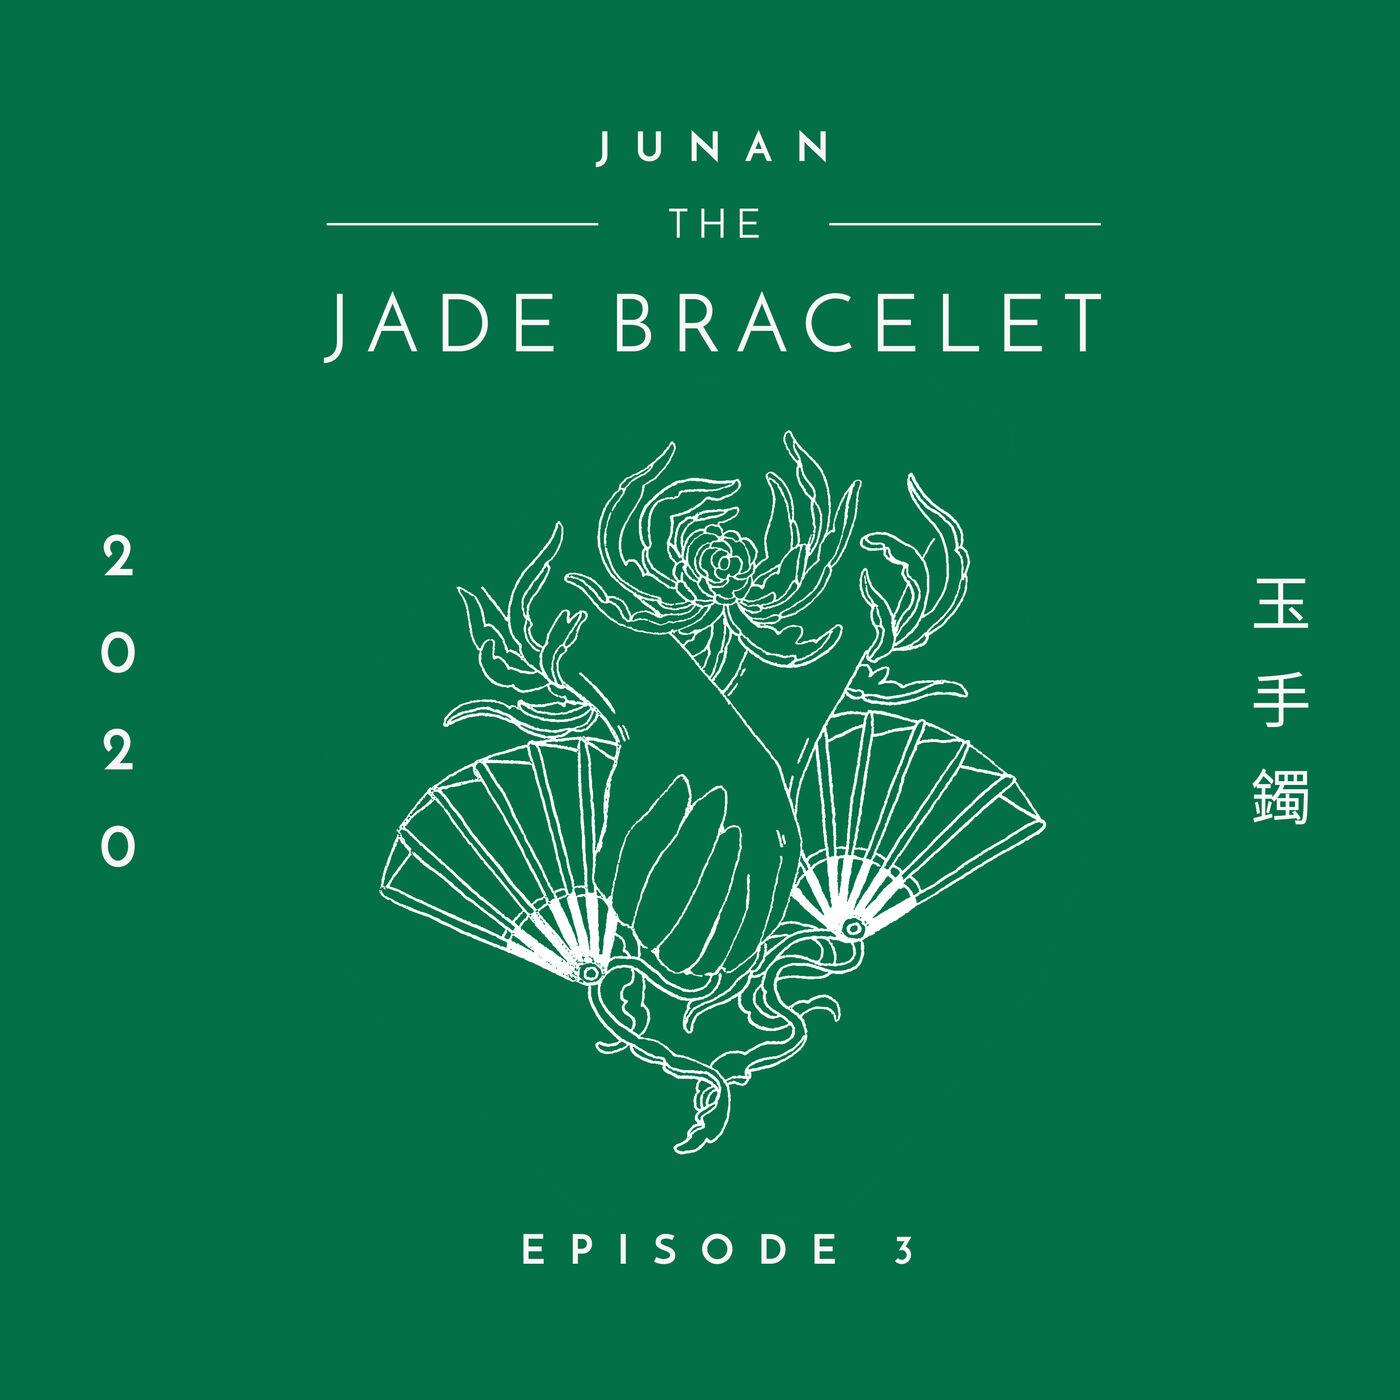 The Jade Bracelet - Episode 3